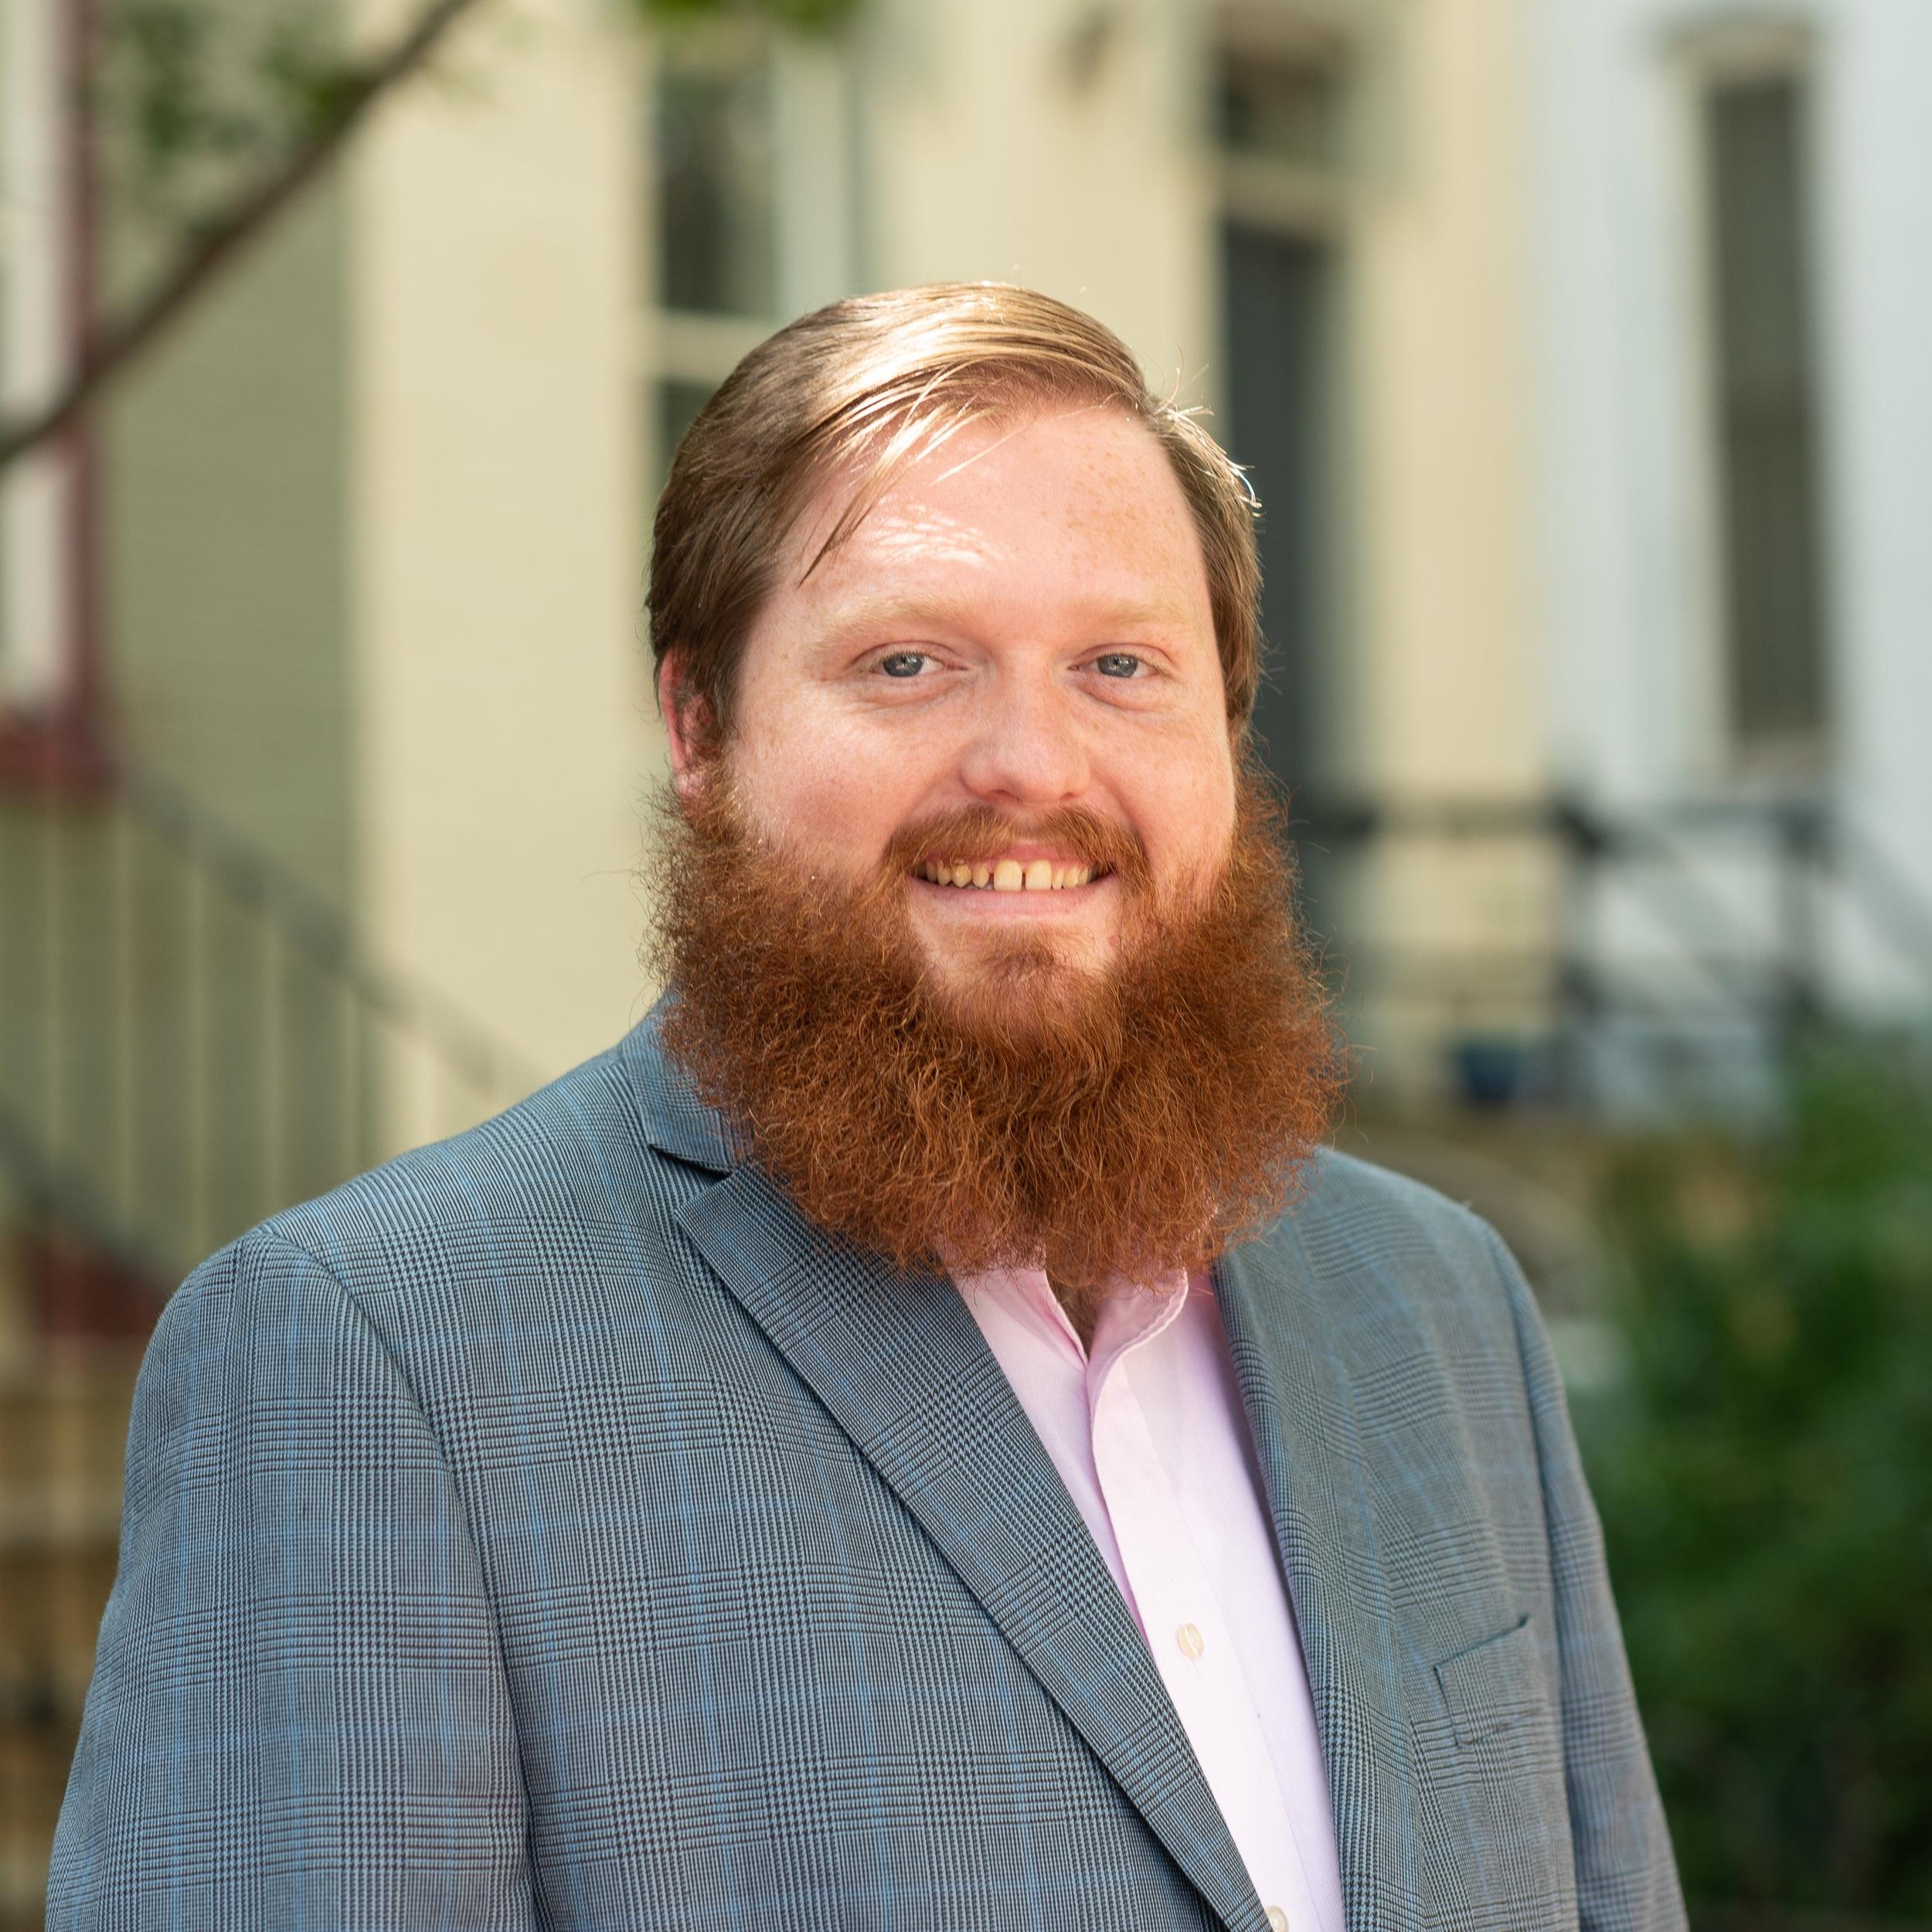 Jacob McIntosh